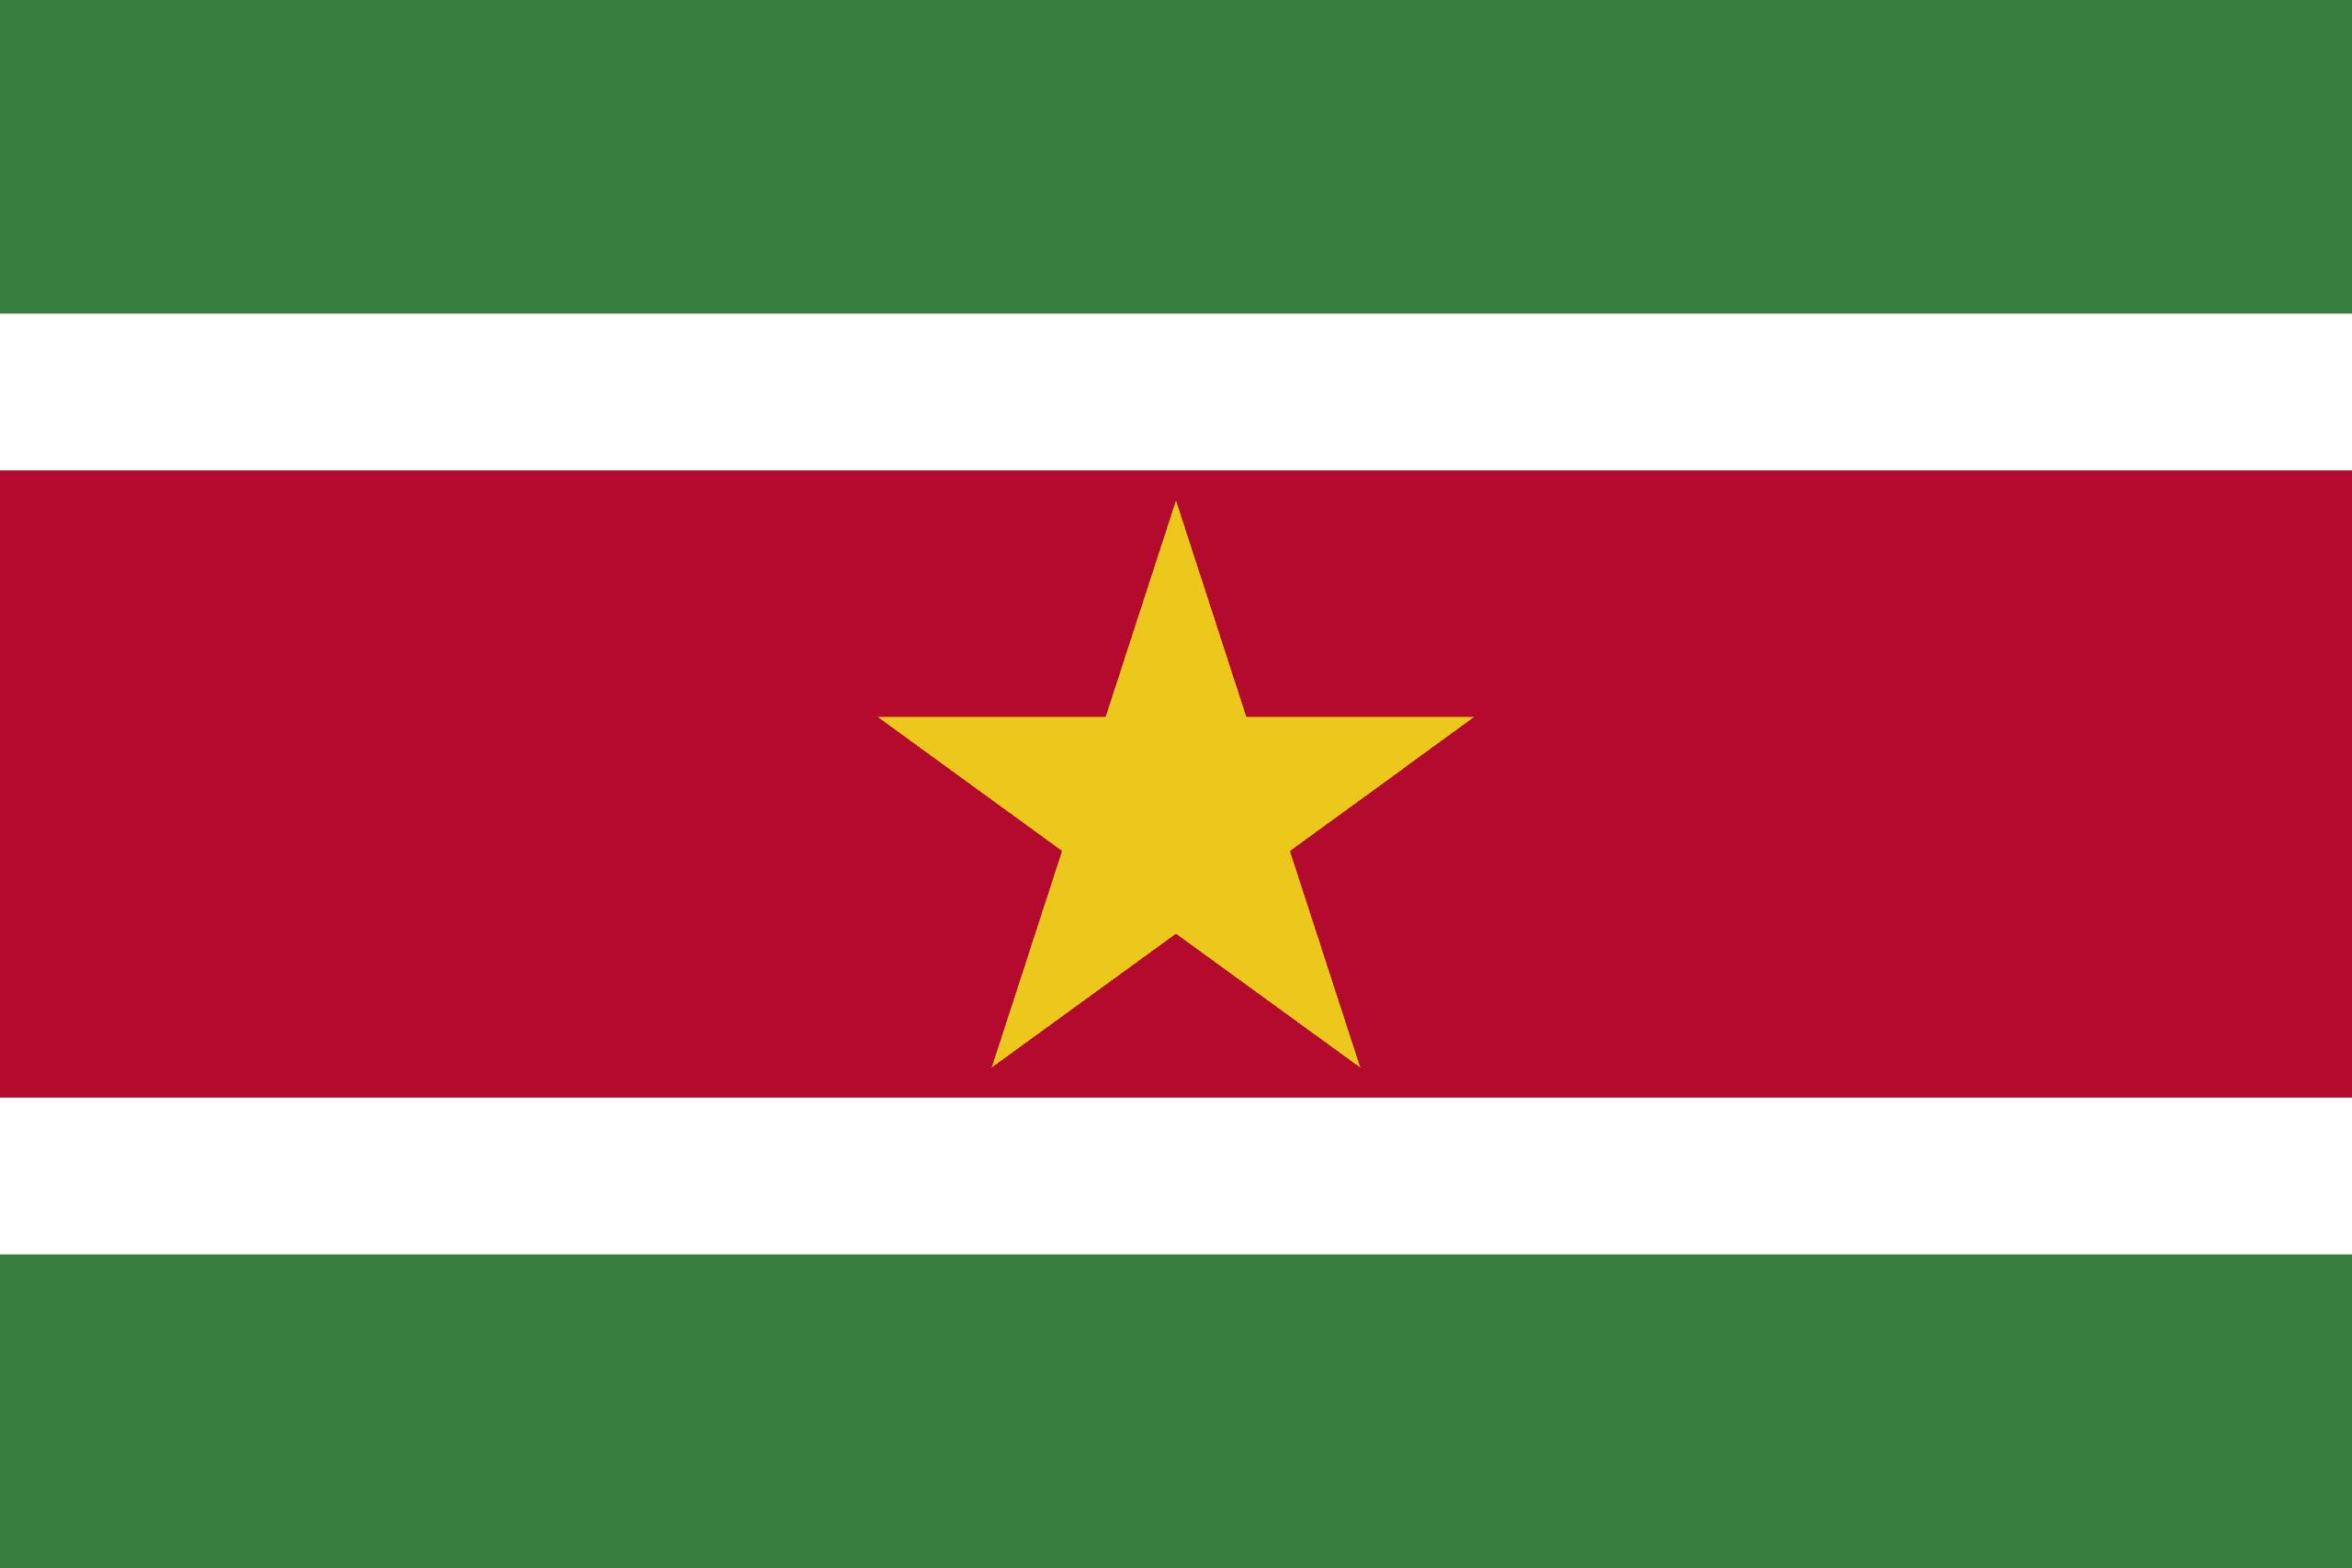 Surinam'ın Başkenti ve Para Birimi Nedir? Surinam'ın Bayrağı Nasıldır?